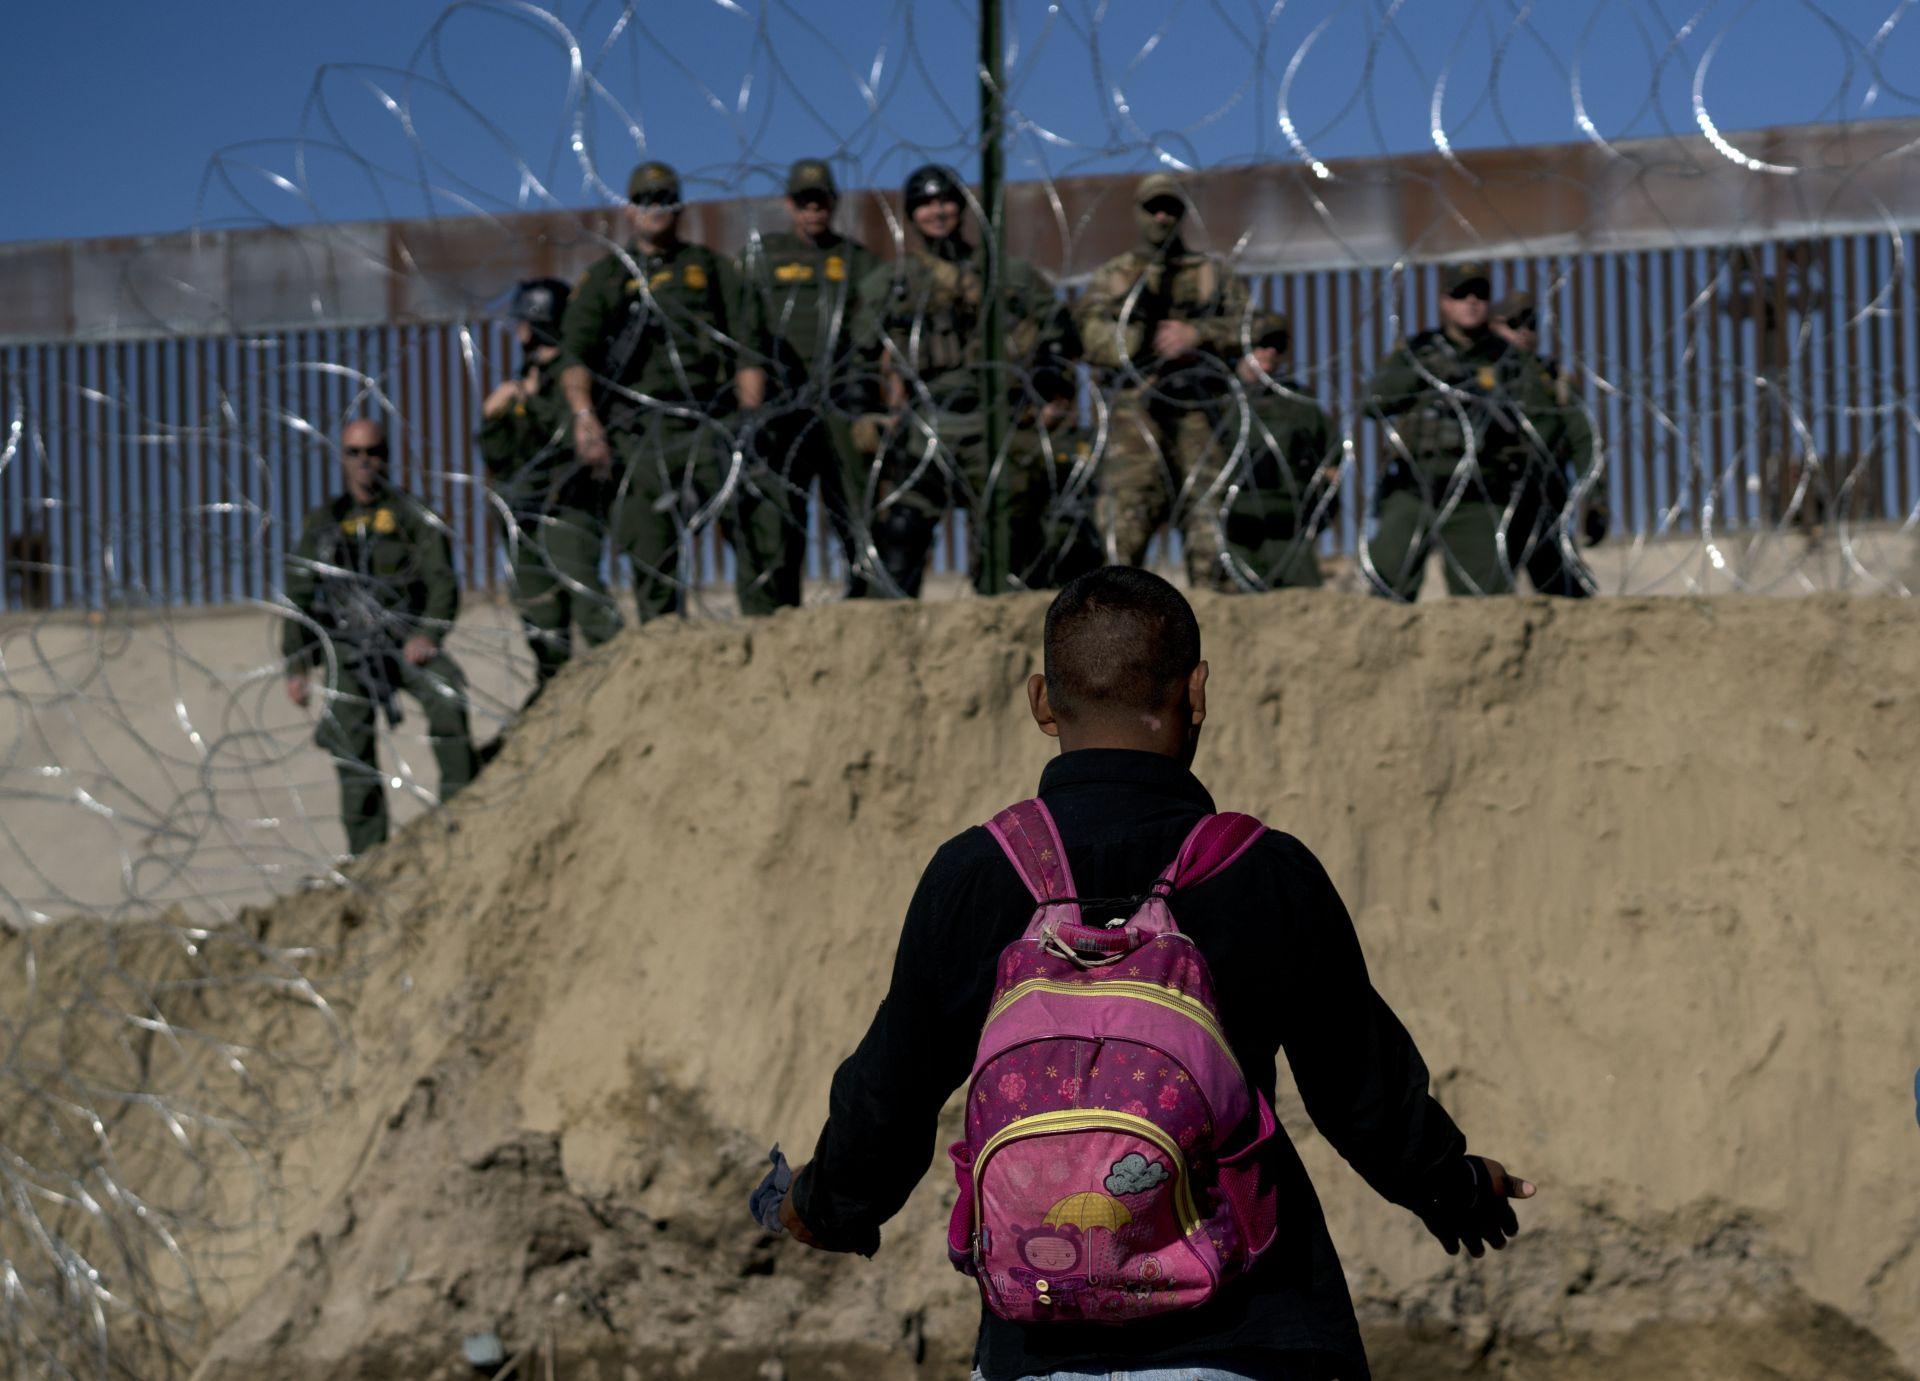 Един от големите пропускателни пунктове беше временно затворен след опит на имигранти да влязат в Съединените щати